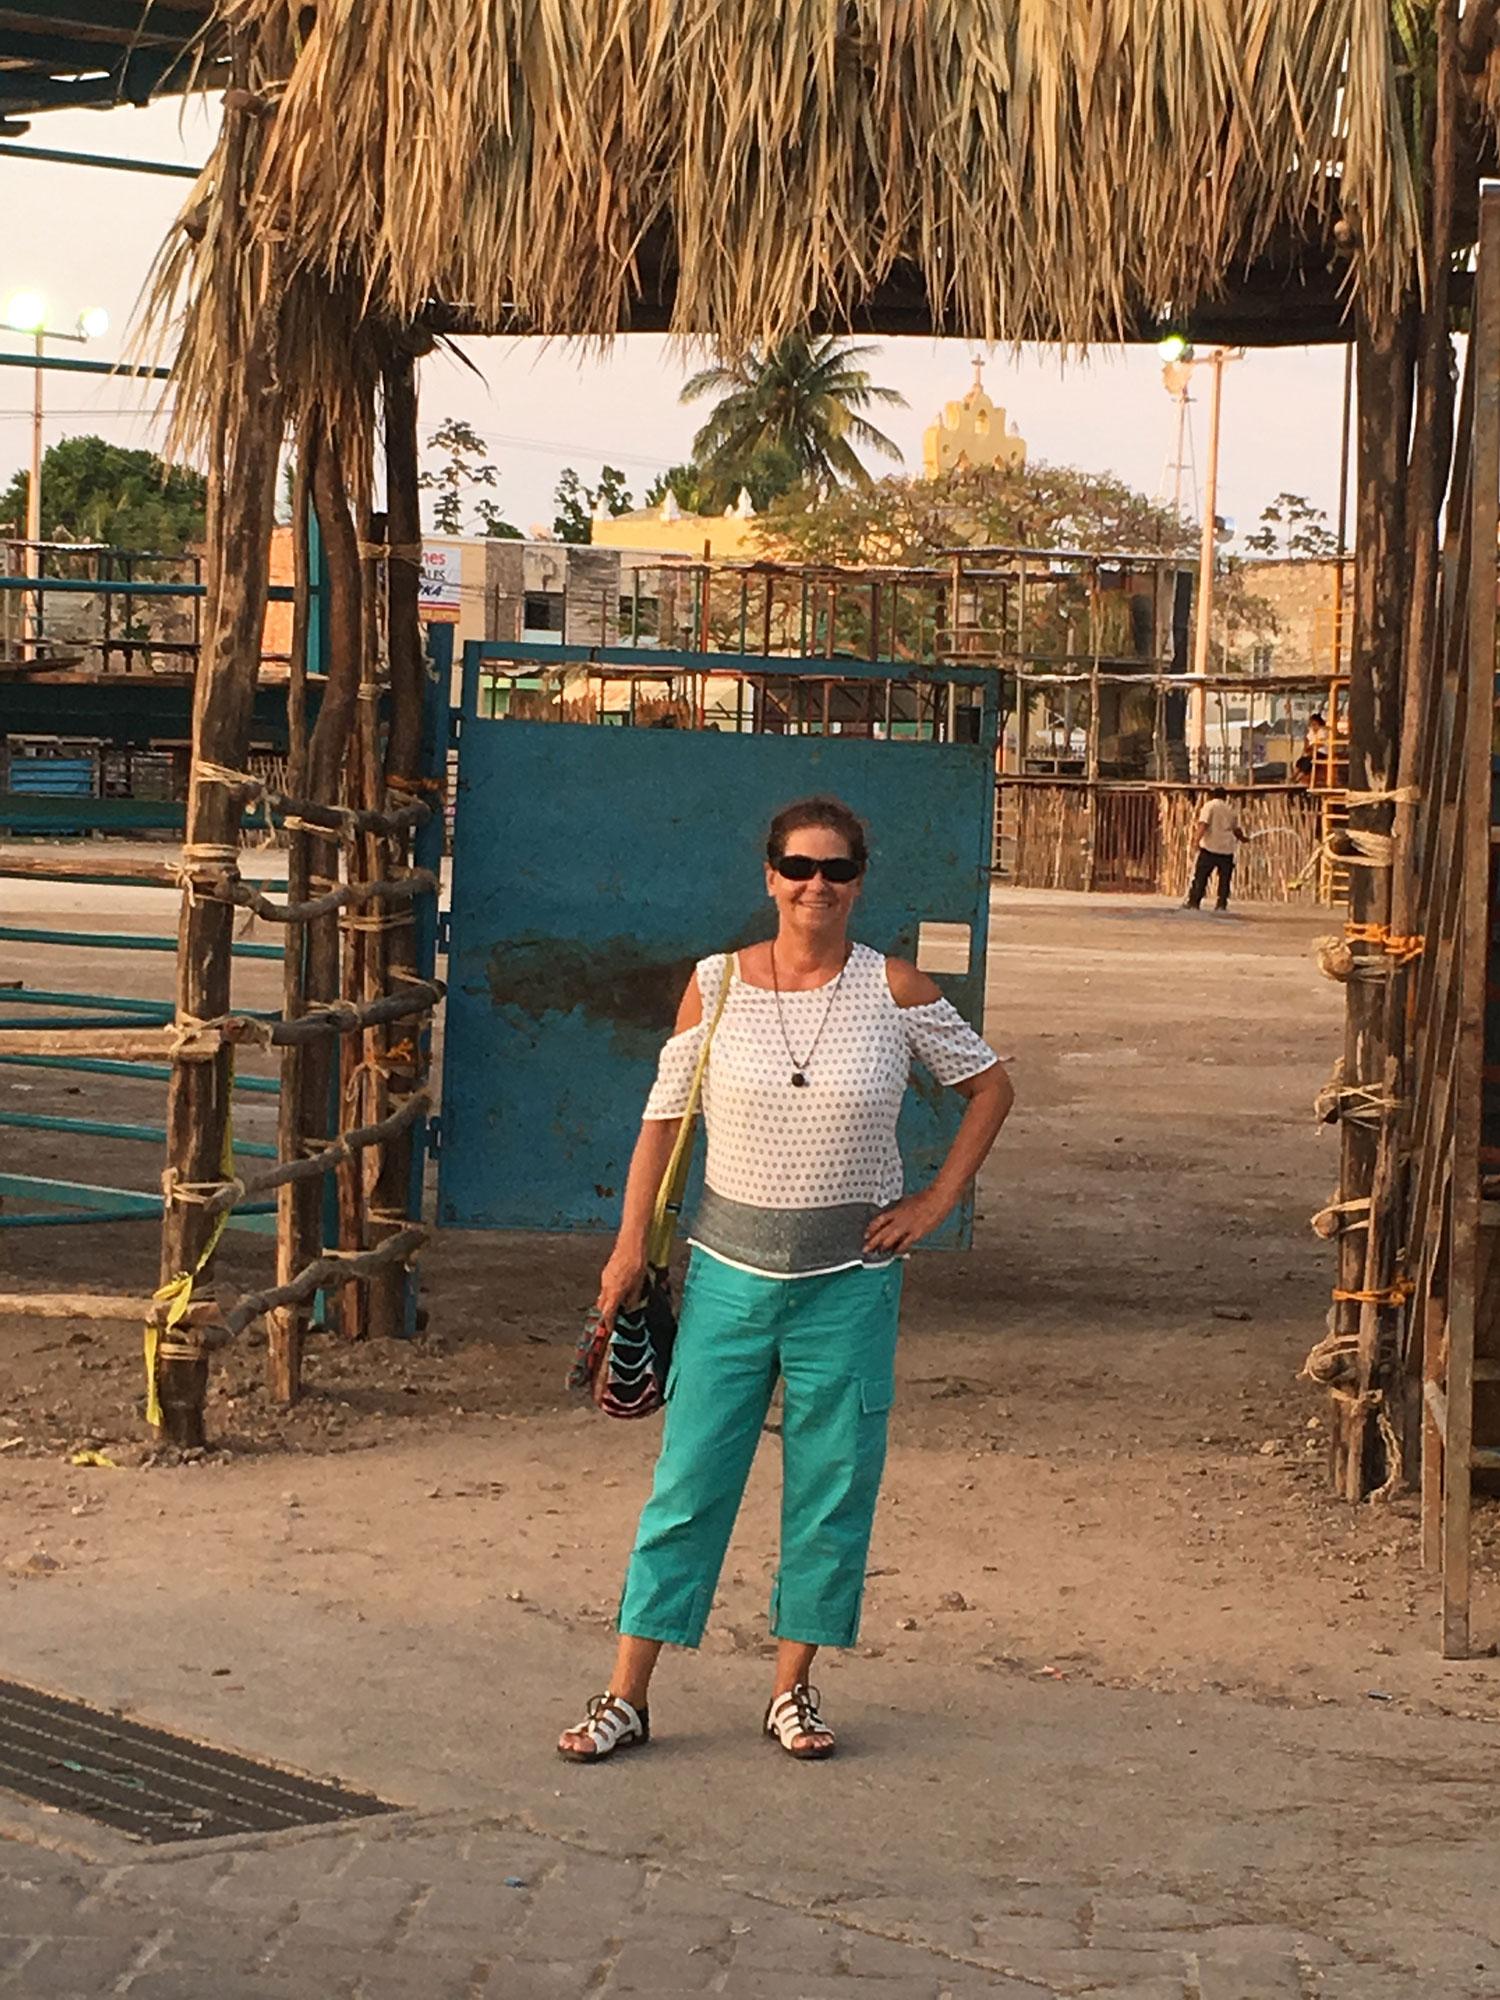 Corrida de toros in the village of Acanceh, a temporary 'bull stadium'.